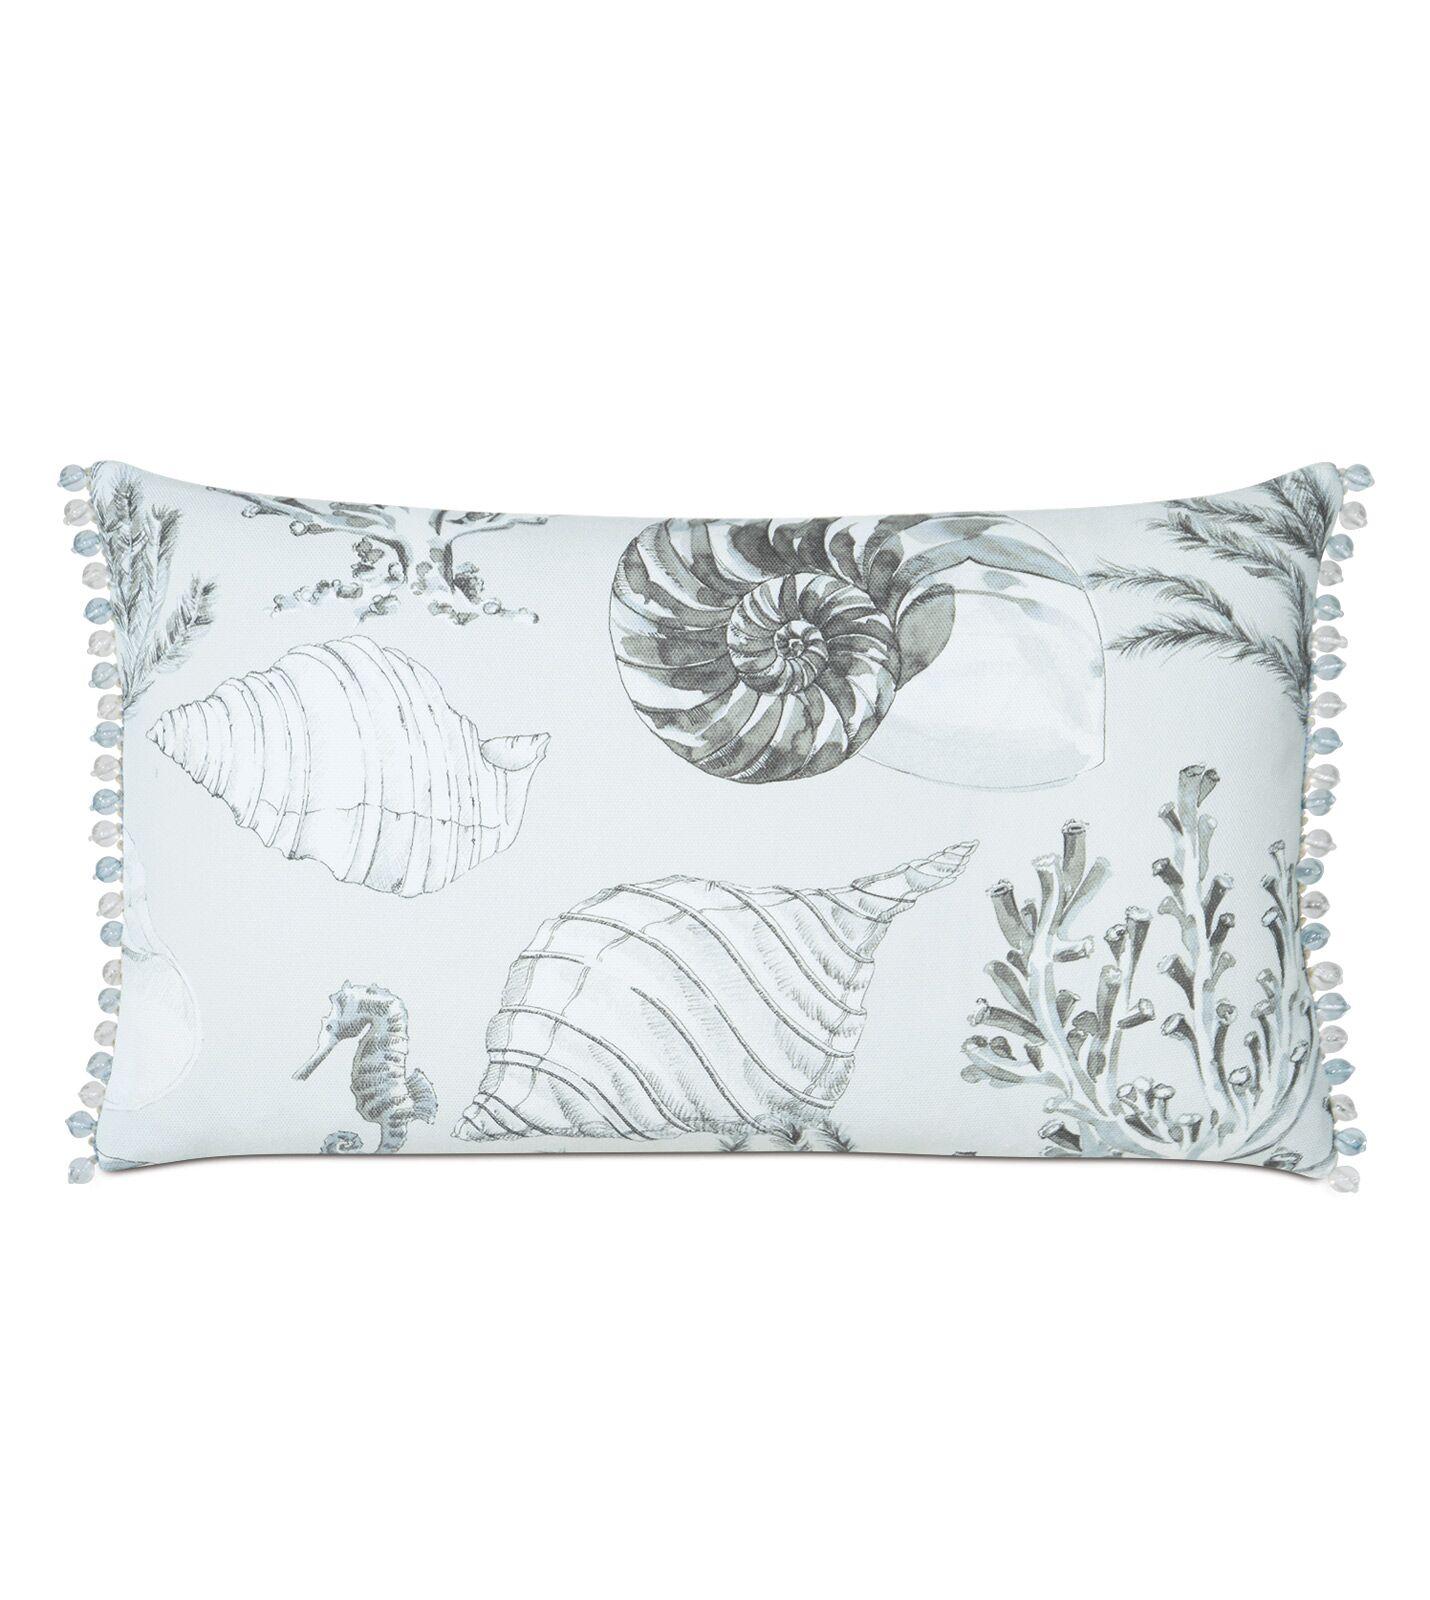 Nerida Coastal Bead Trim Cotton Lumbar Pillow